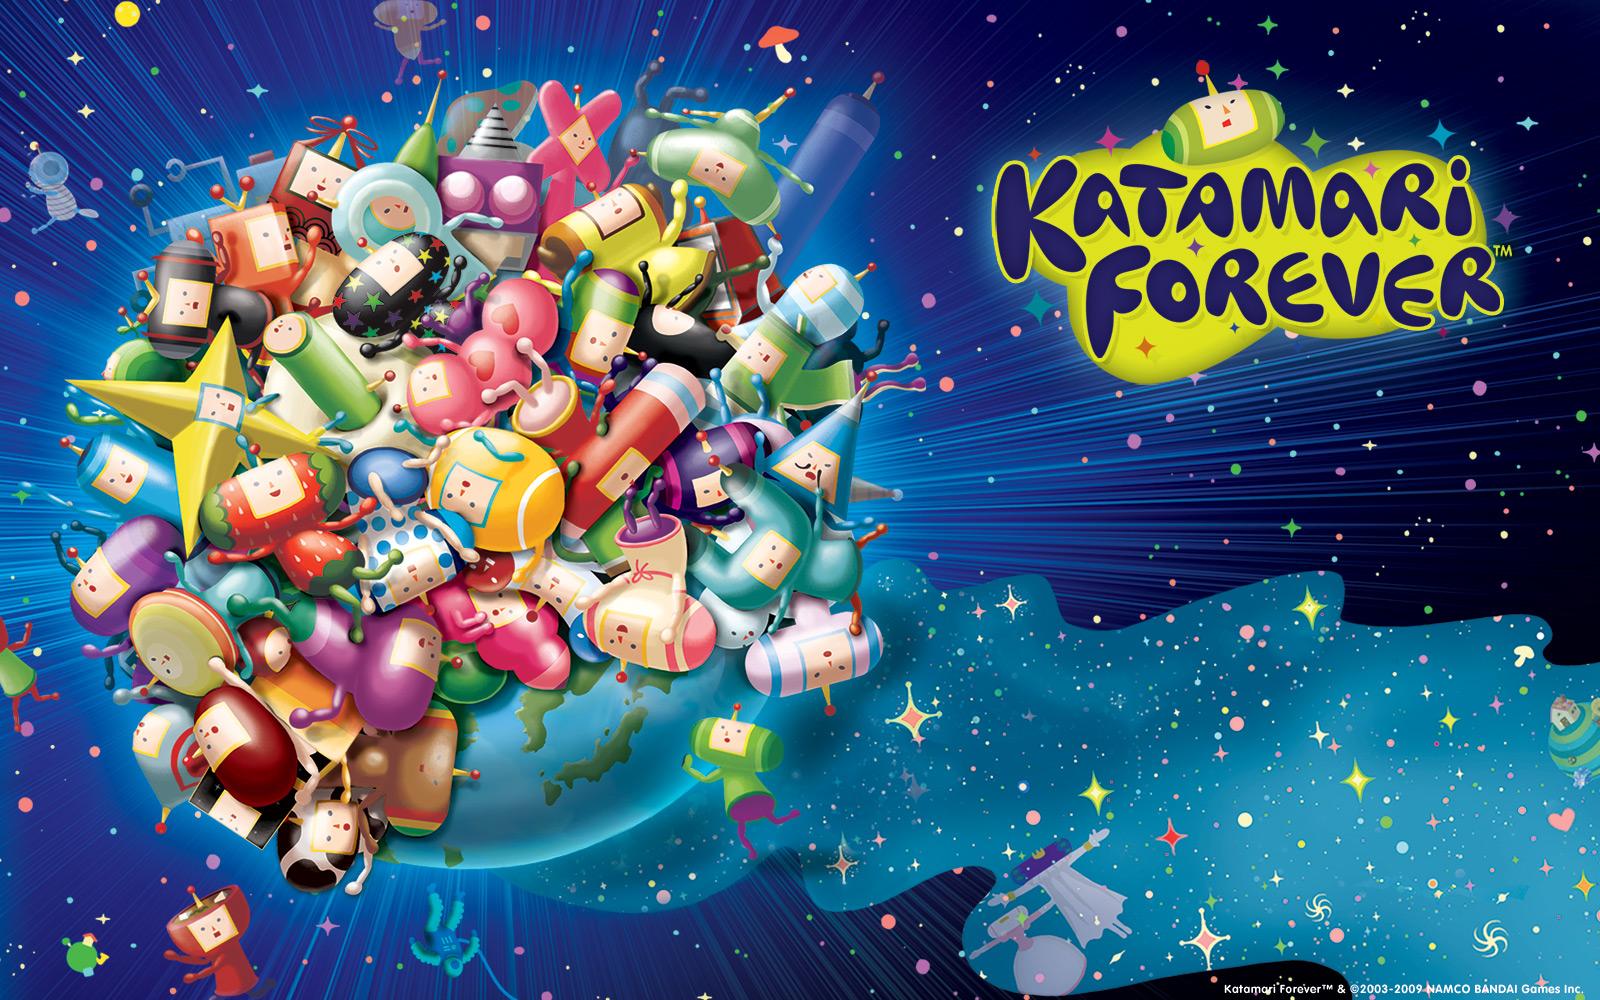 Katamari Forever wallpaper 1600x1000